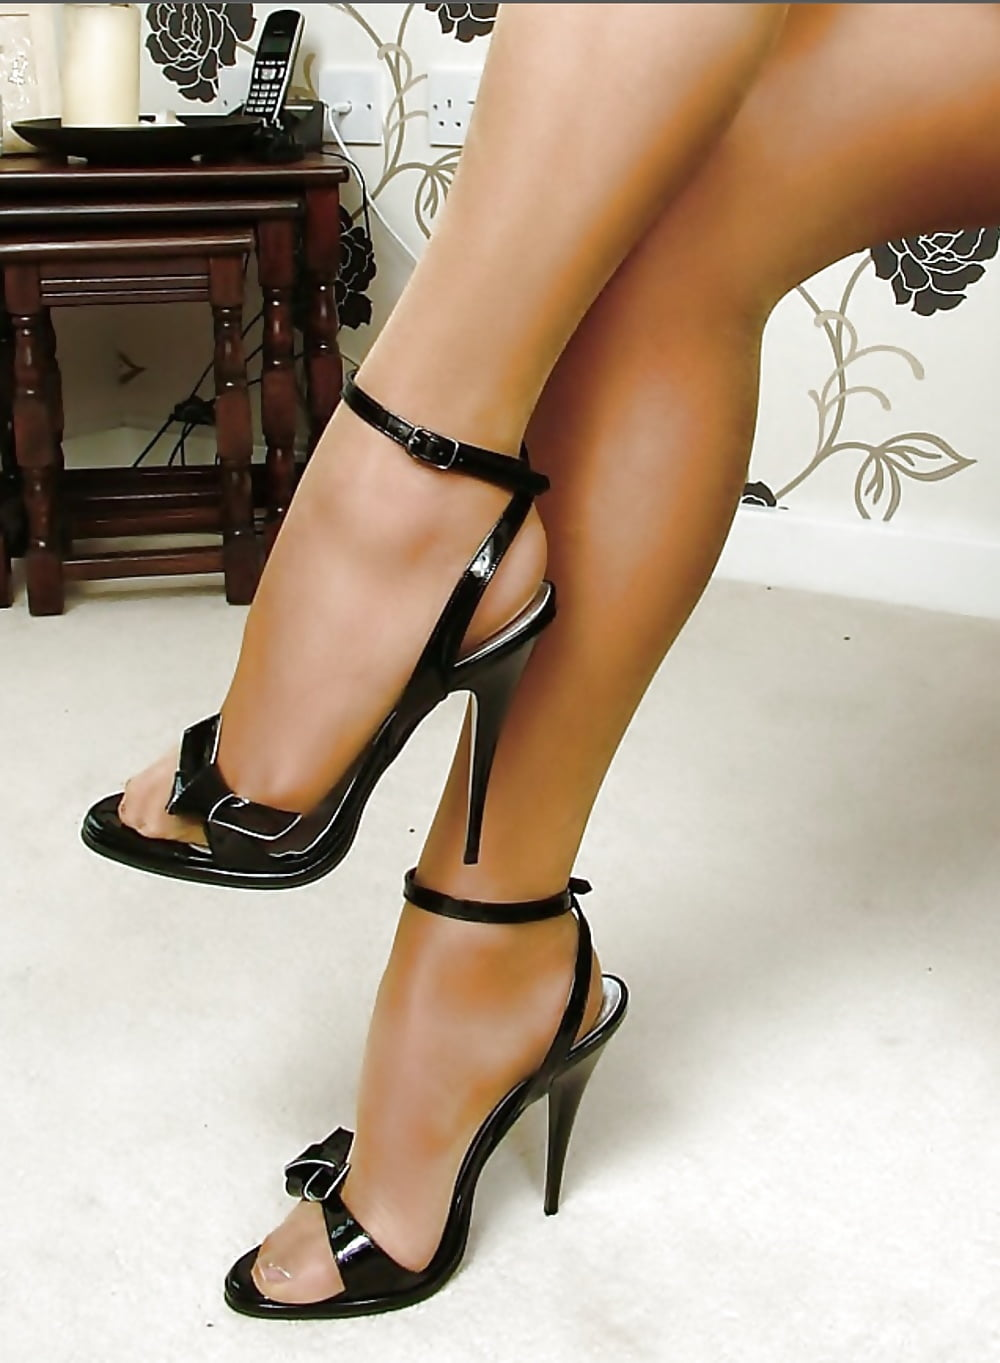 Sexy stiletto high heel galleries